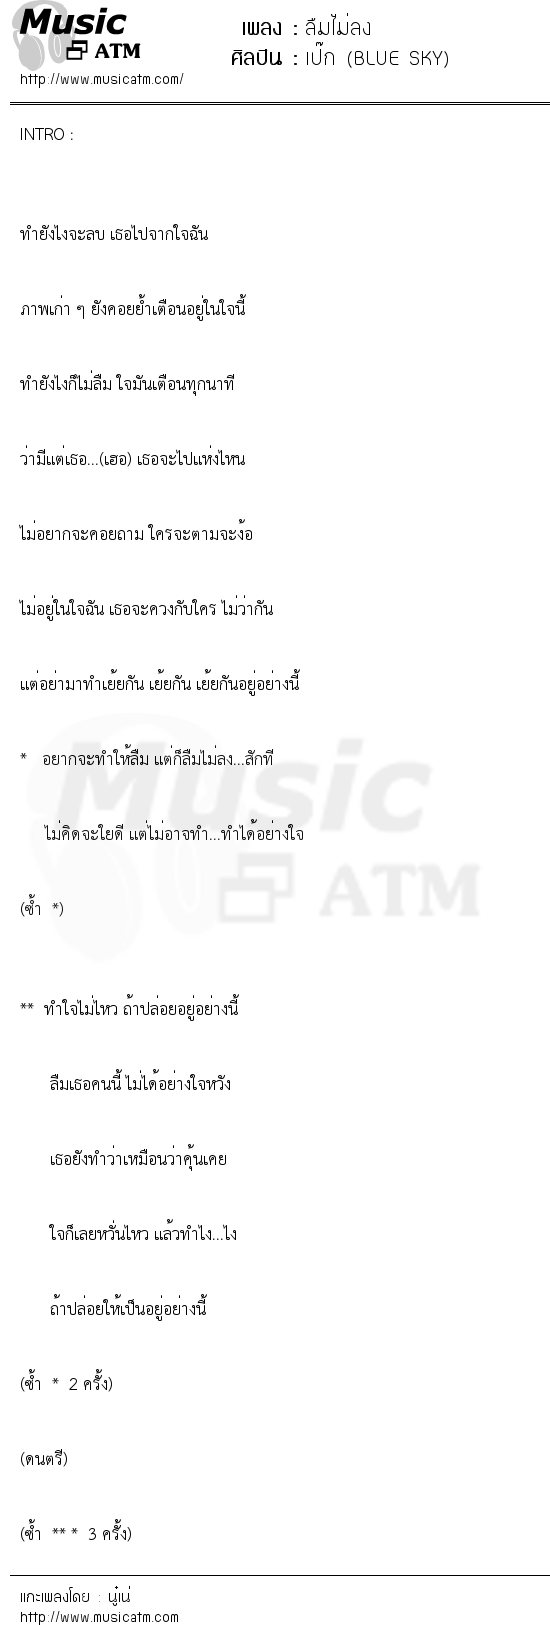 ลืมไม่ลง | เพลงไทย